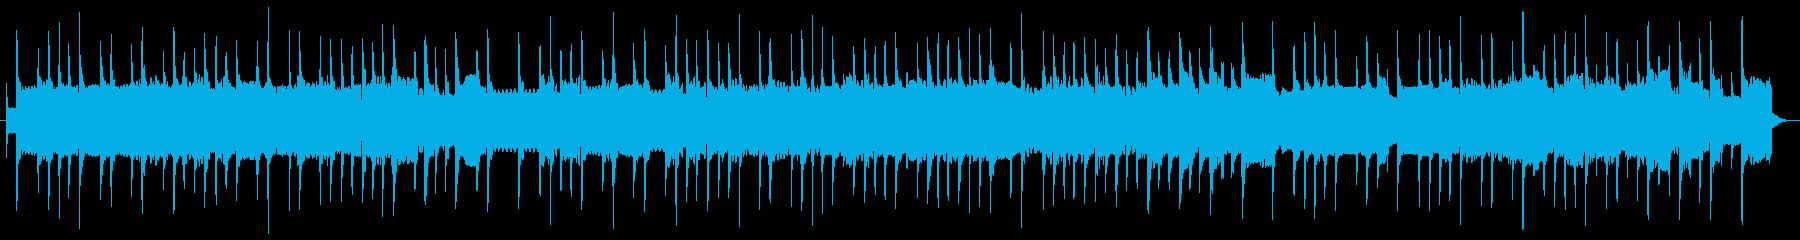 ノスタルジックなストリートオルガン曲の再生済みの波形